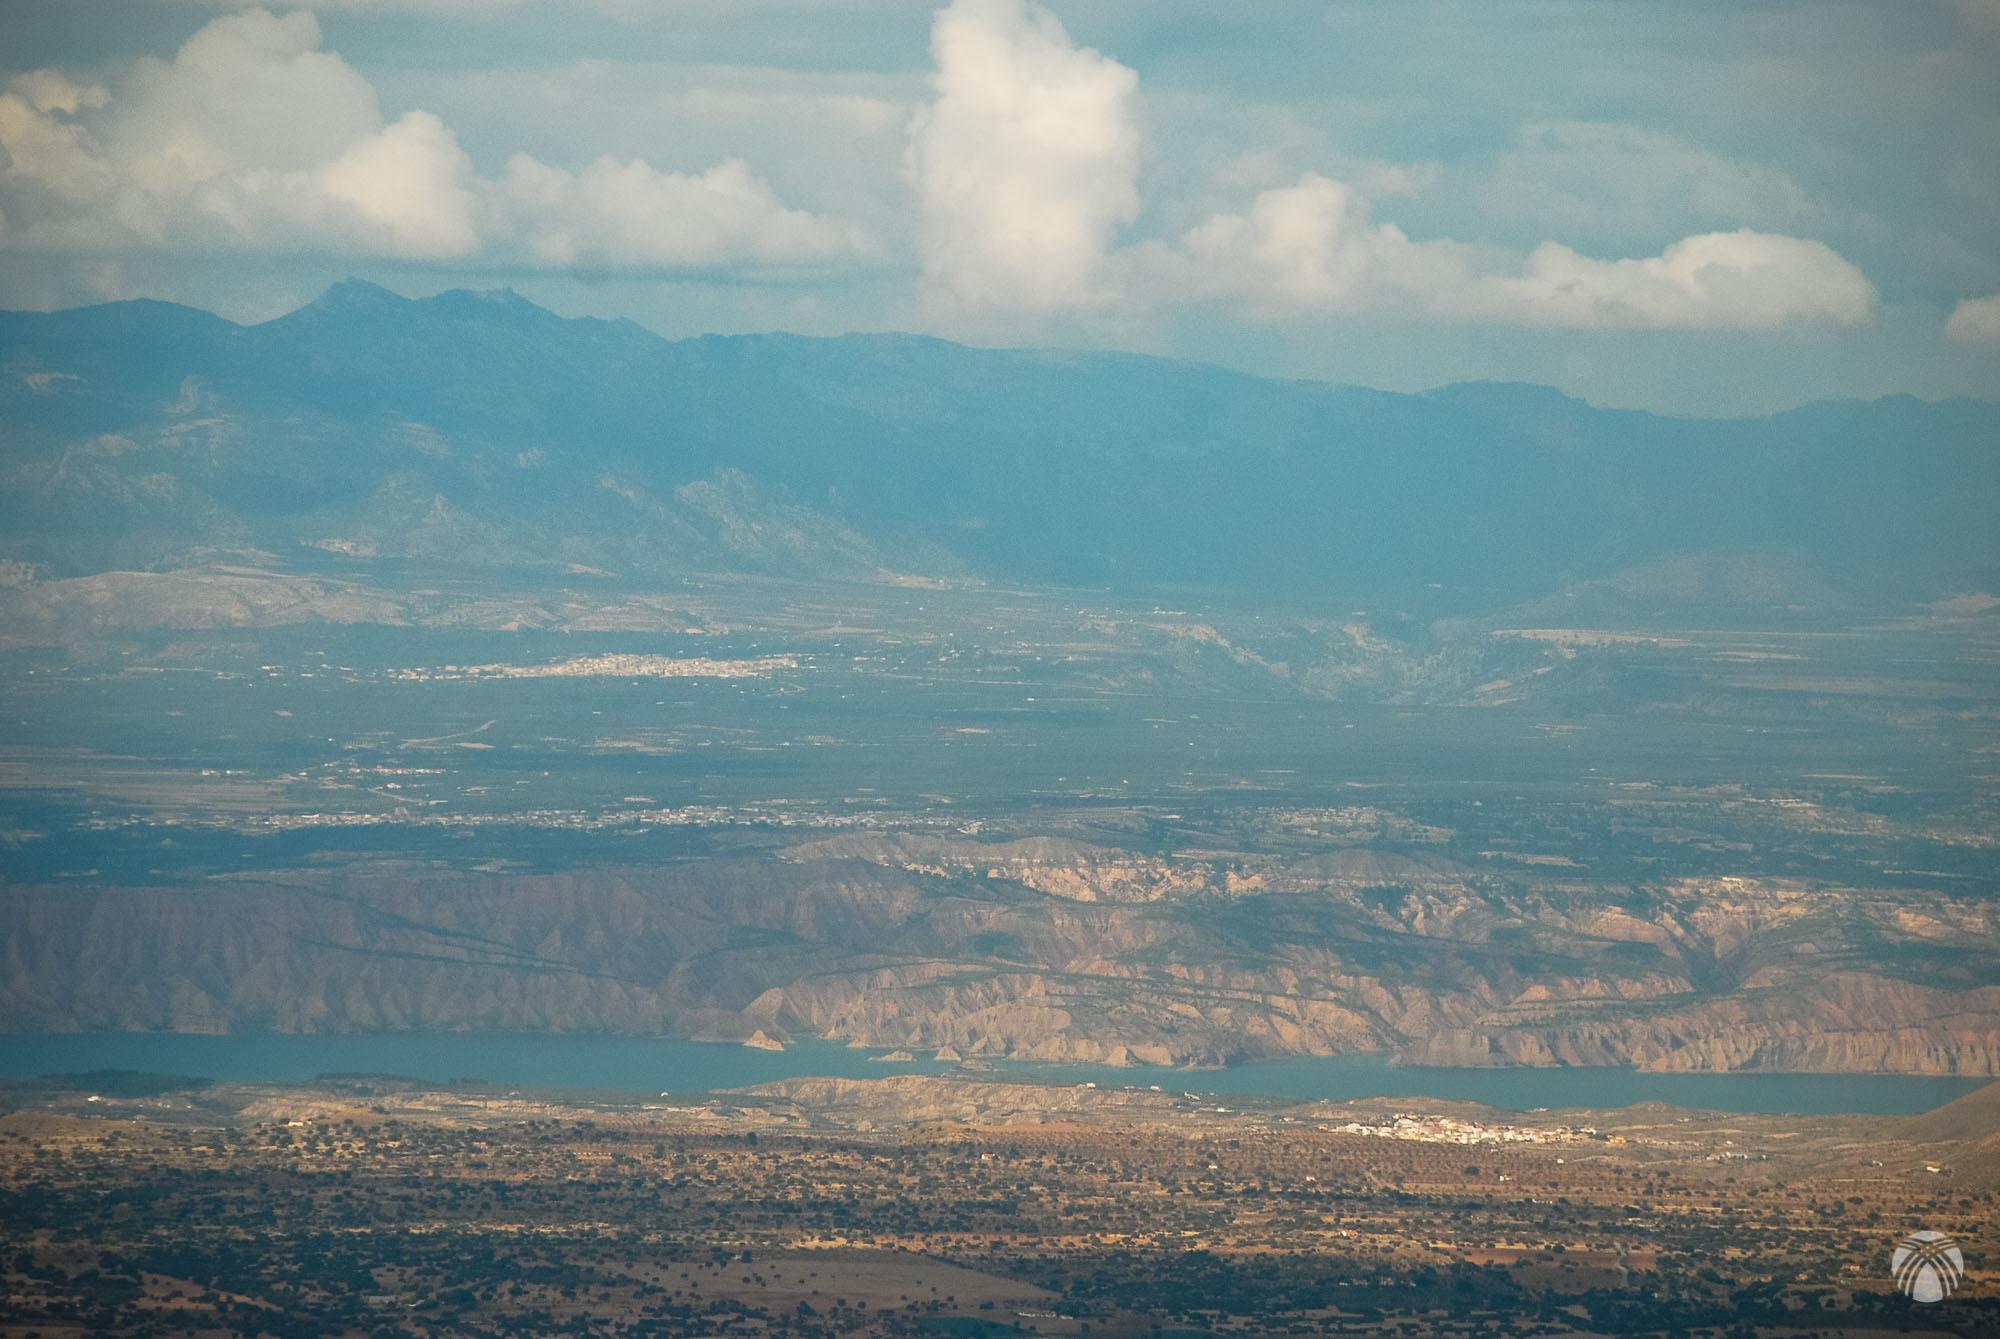 El embalse del Negratín y detrás la Sierra del Pozo